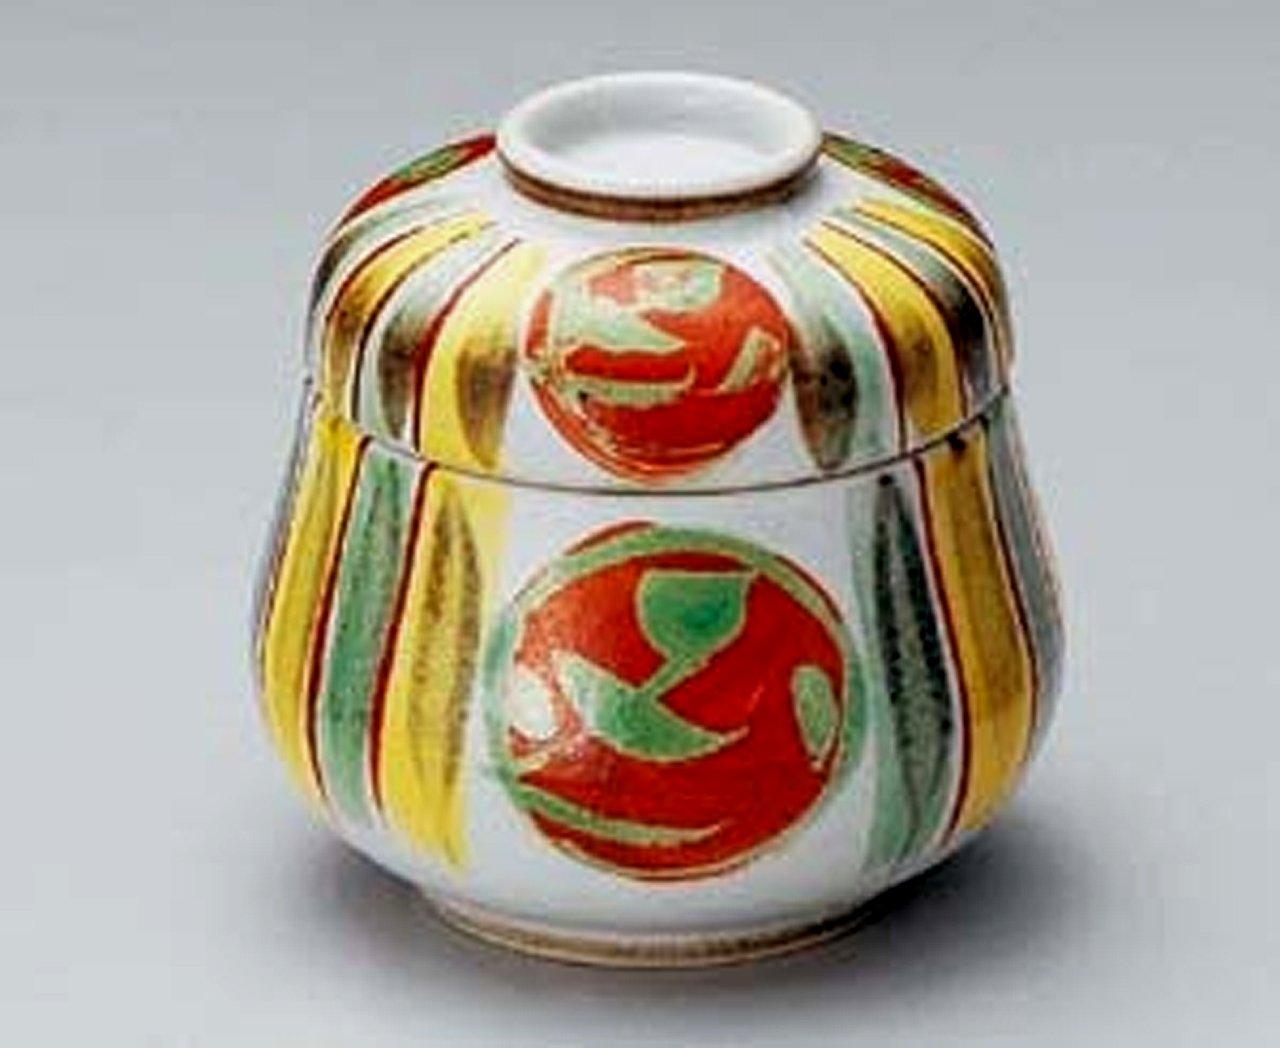 十草 赤丸紋 だるま型 7.7㎝ 蒸し碗10点セット 茶碗蒸しや蒸し物料理に B00LE62MU0